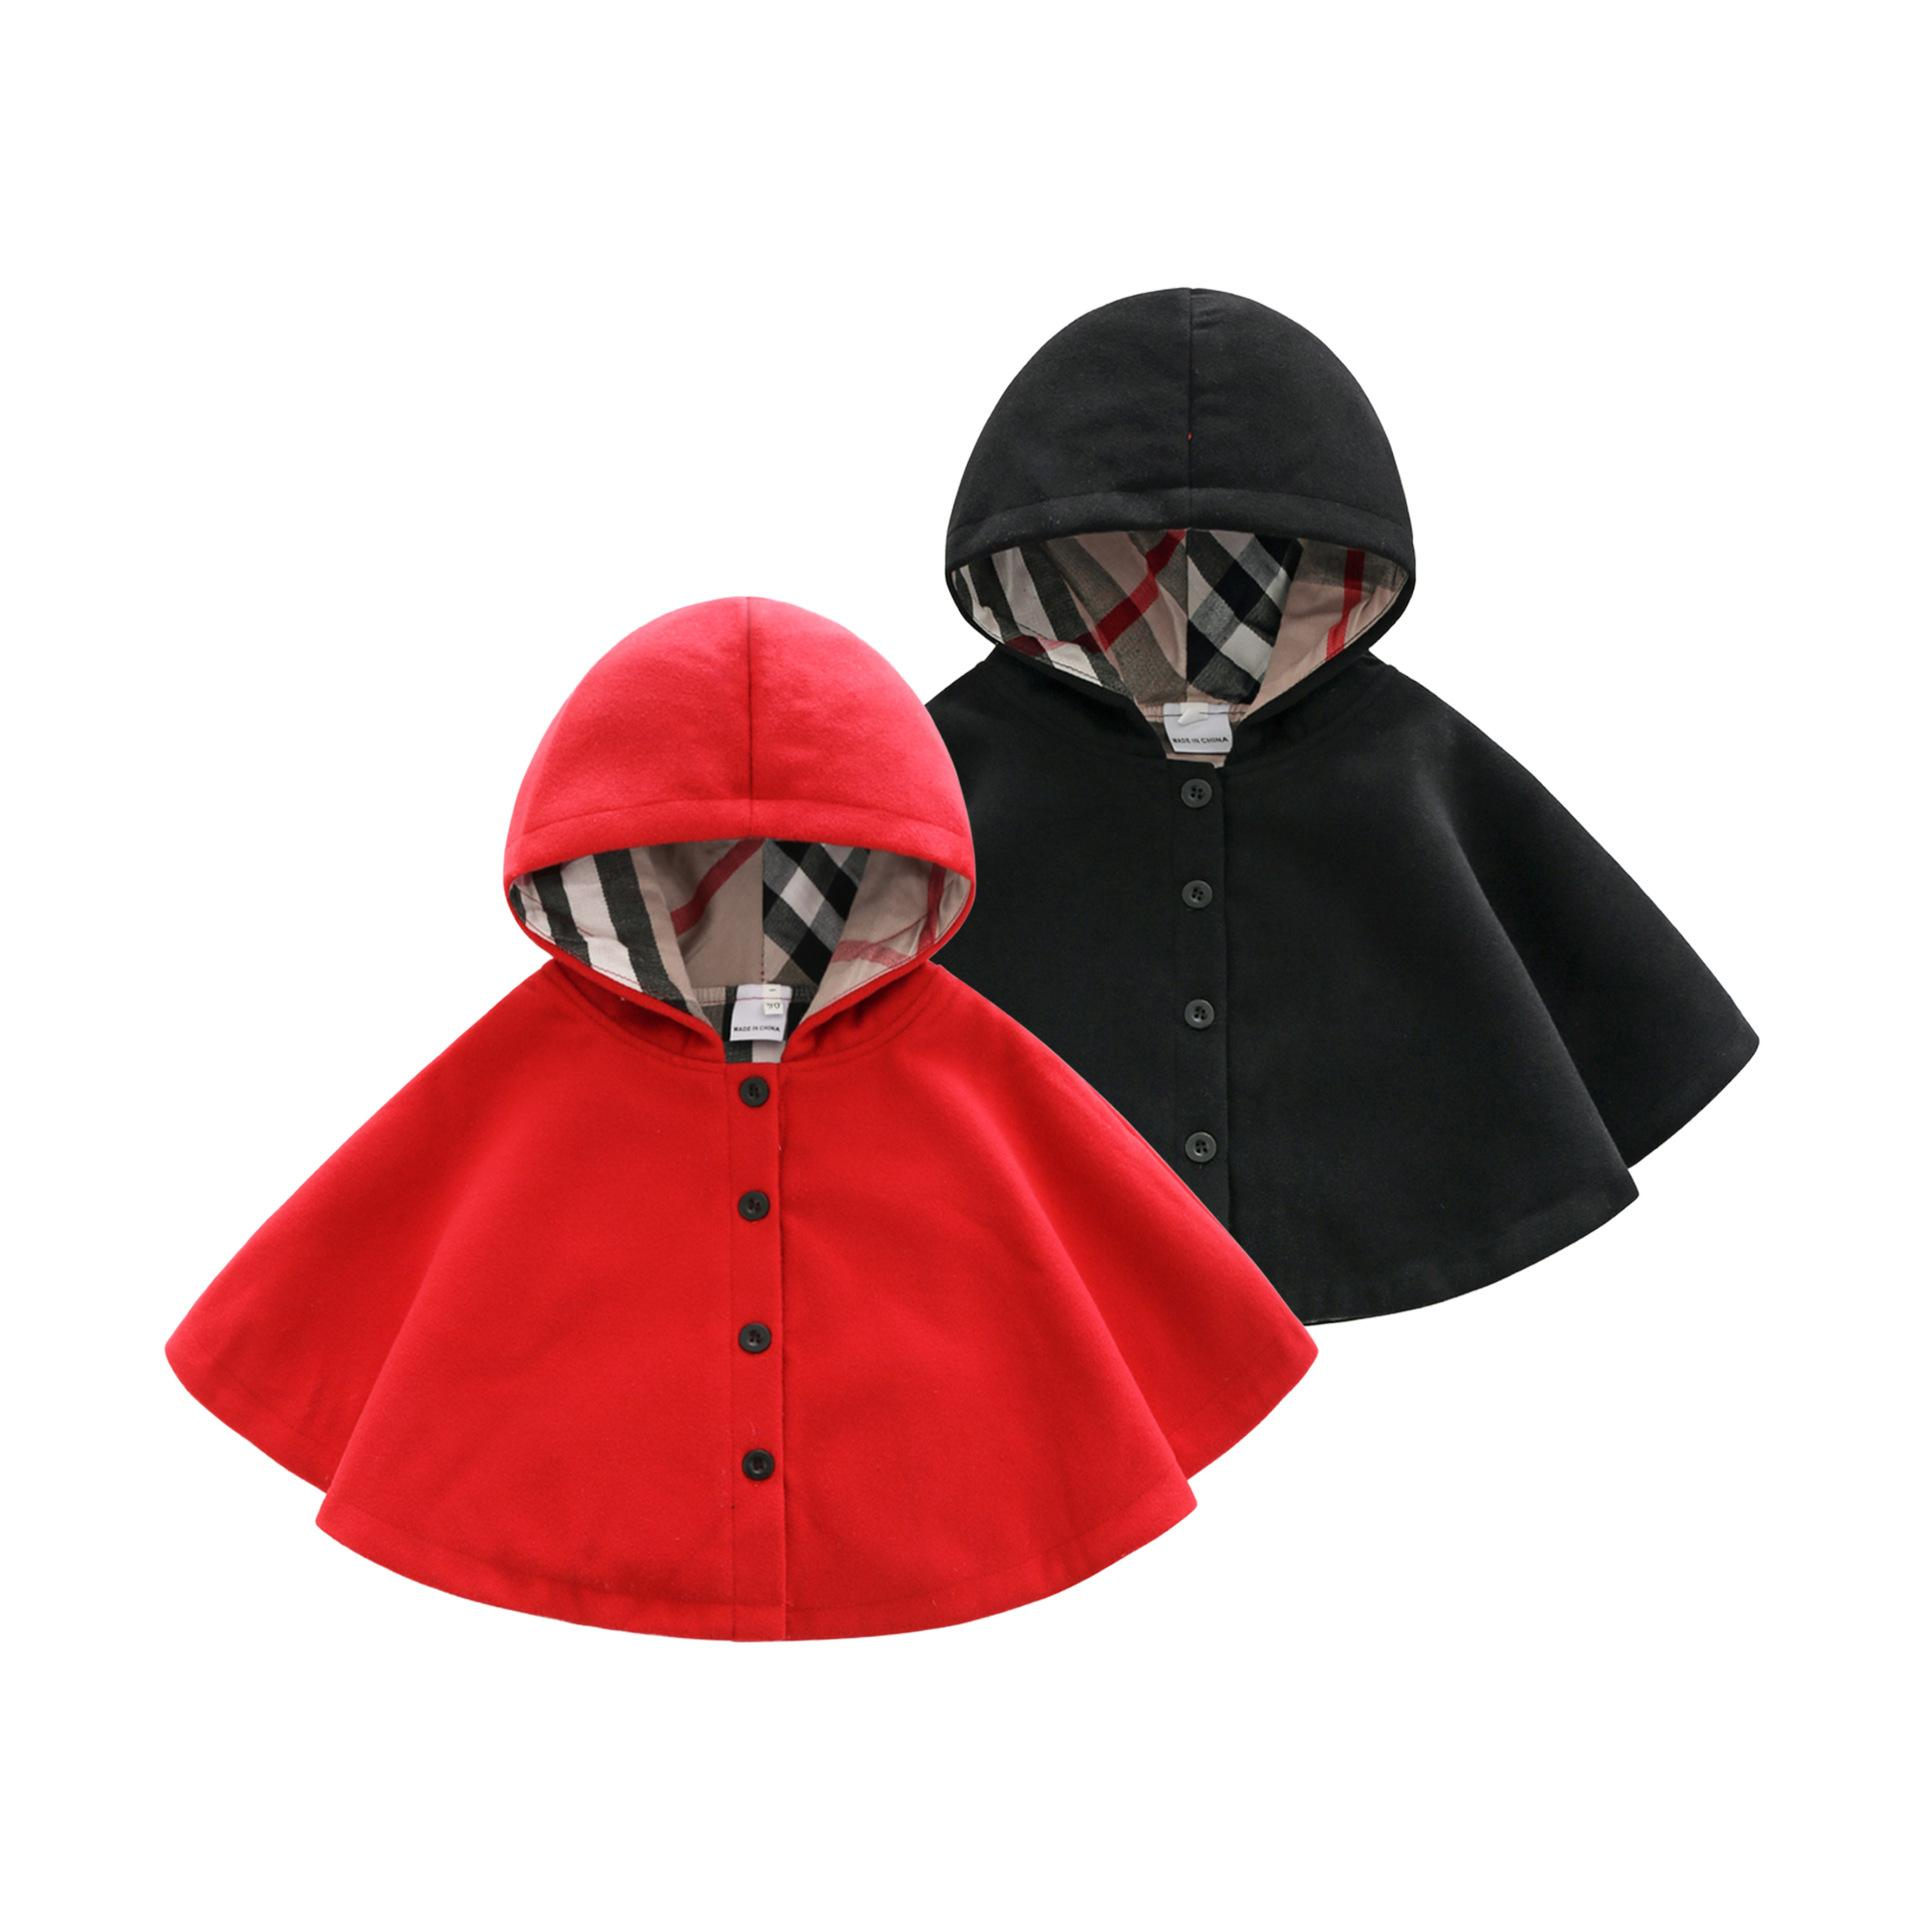 2020 الشتاء الربيع أزياء الاطفال الطفل الرأس نمط أسود أحمر القطن مقنعين منقوشة الفتيات معطف جاكيتات طفلة الرأس عباءات الملابس